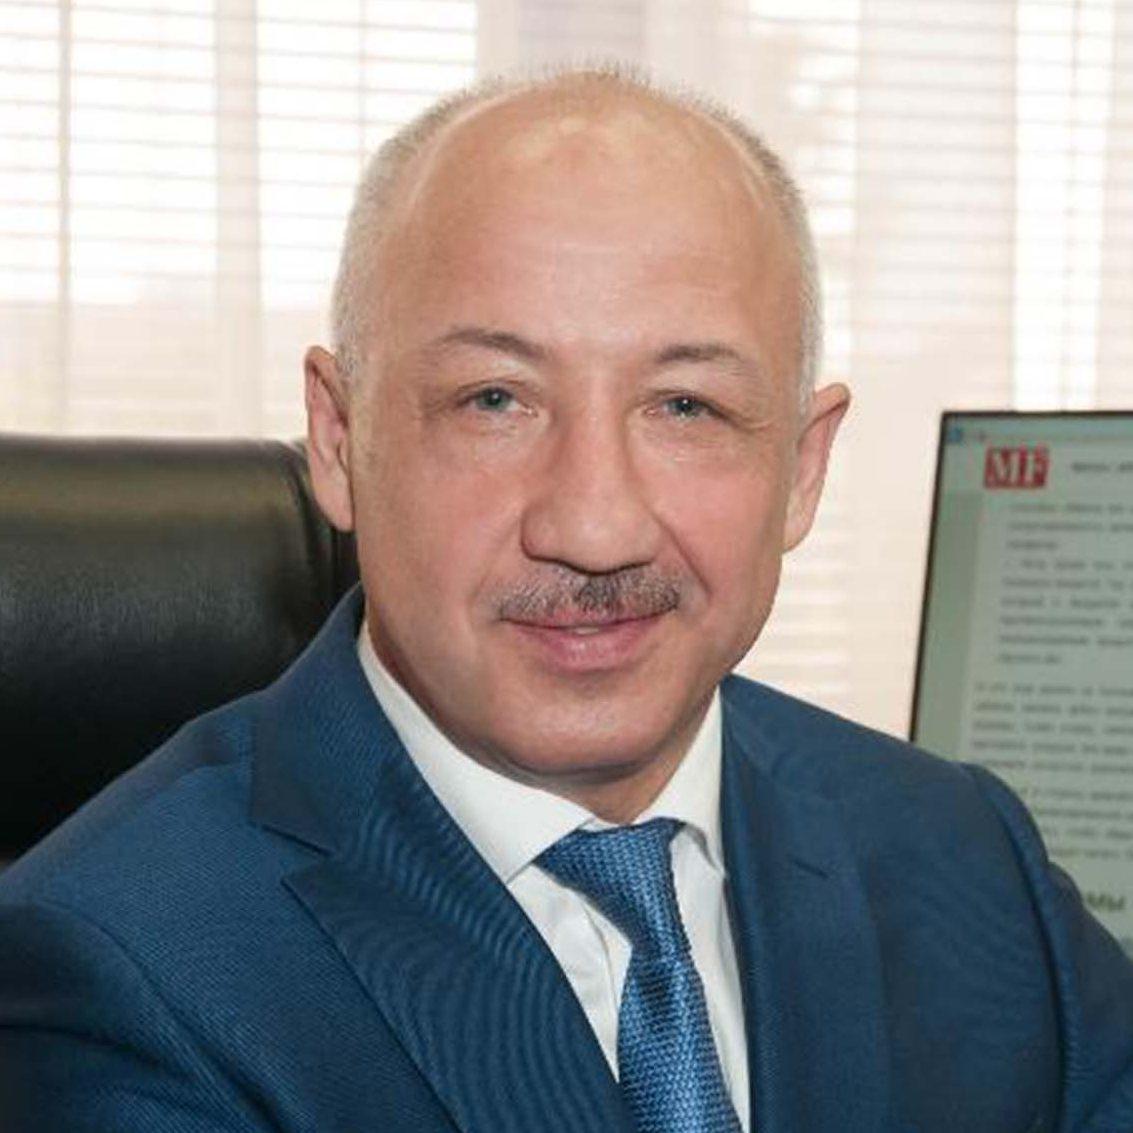 Ахметов Рамиль Уелович, гендиректор 12-й больницы Казани, депутат Госсовета РТ